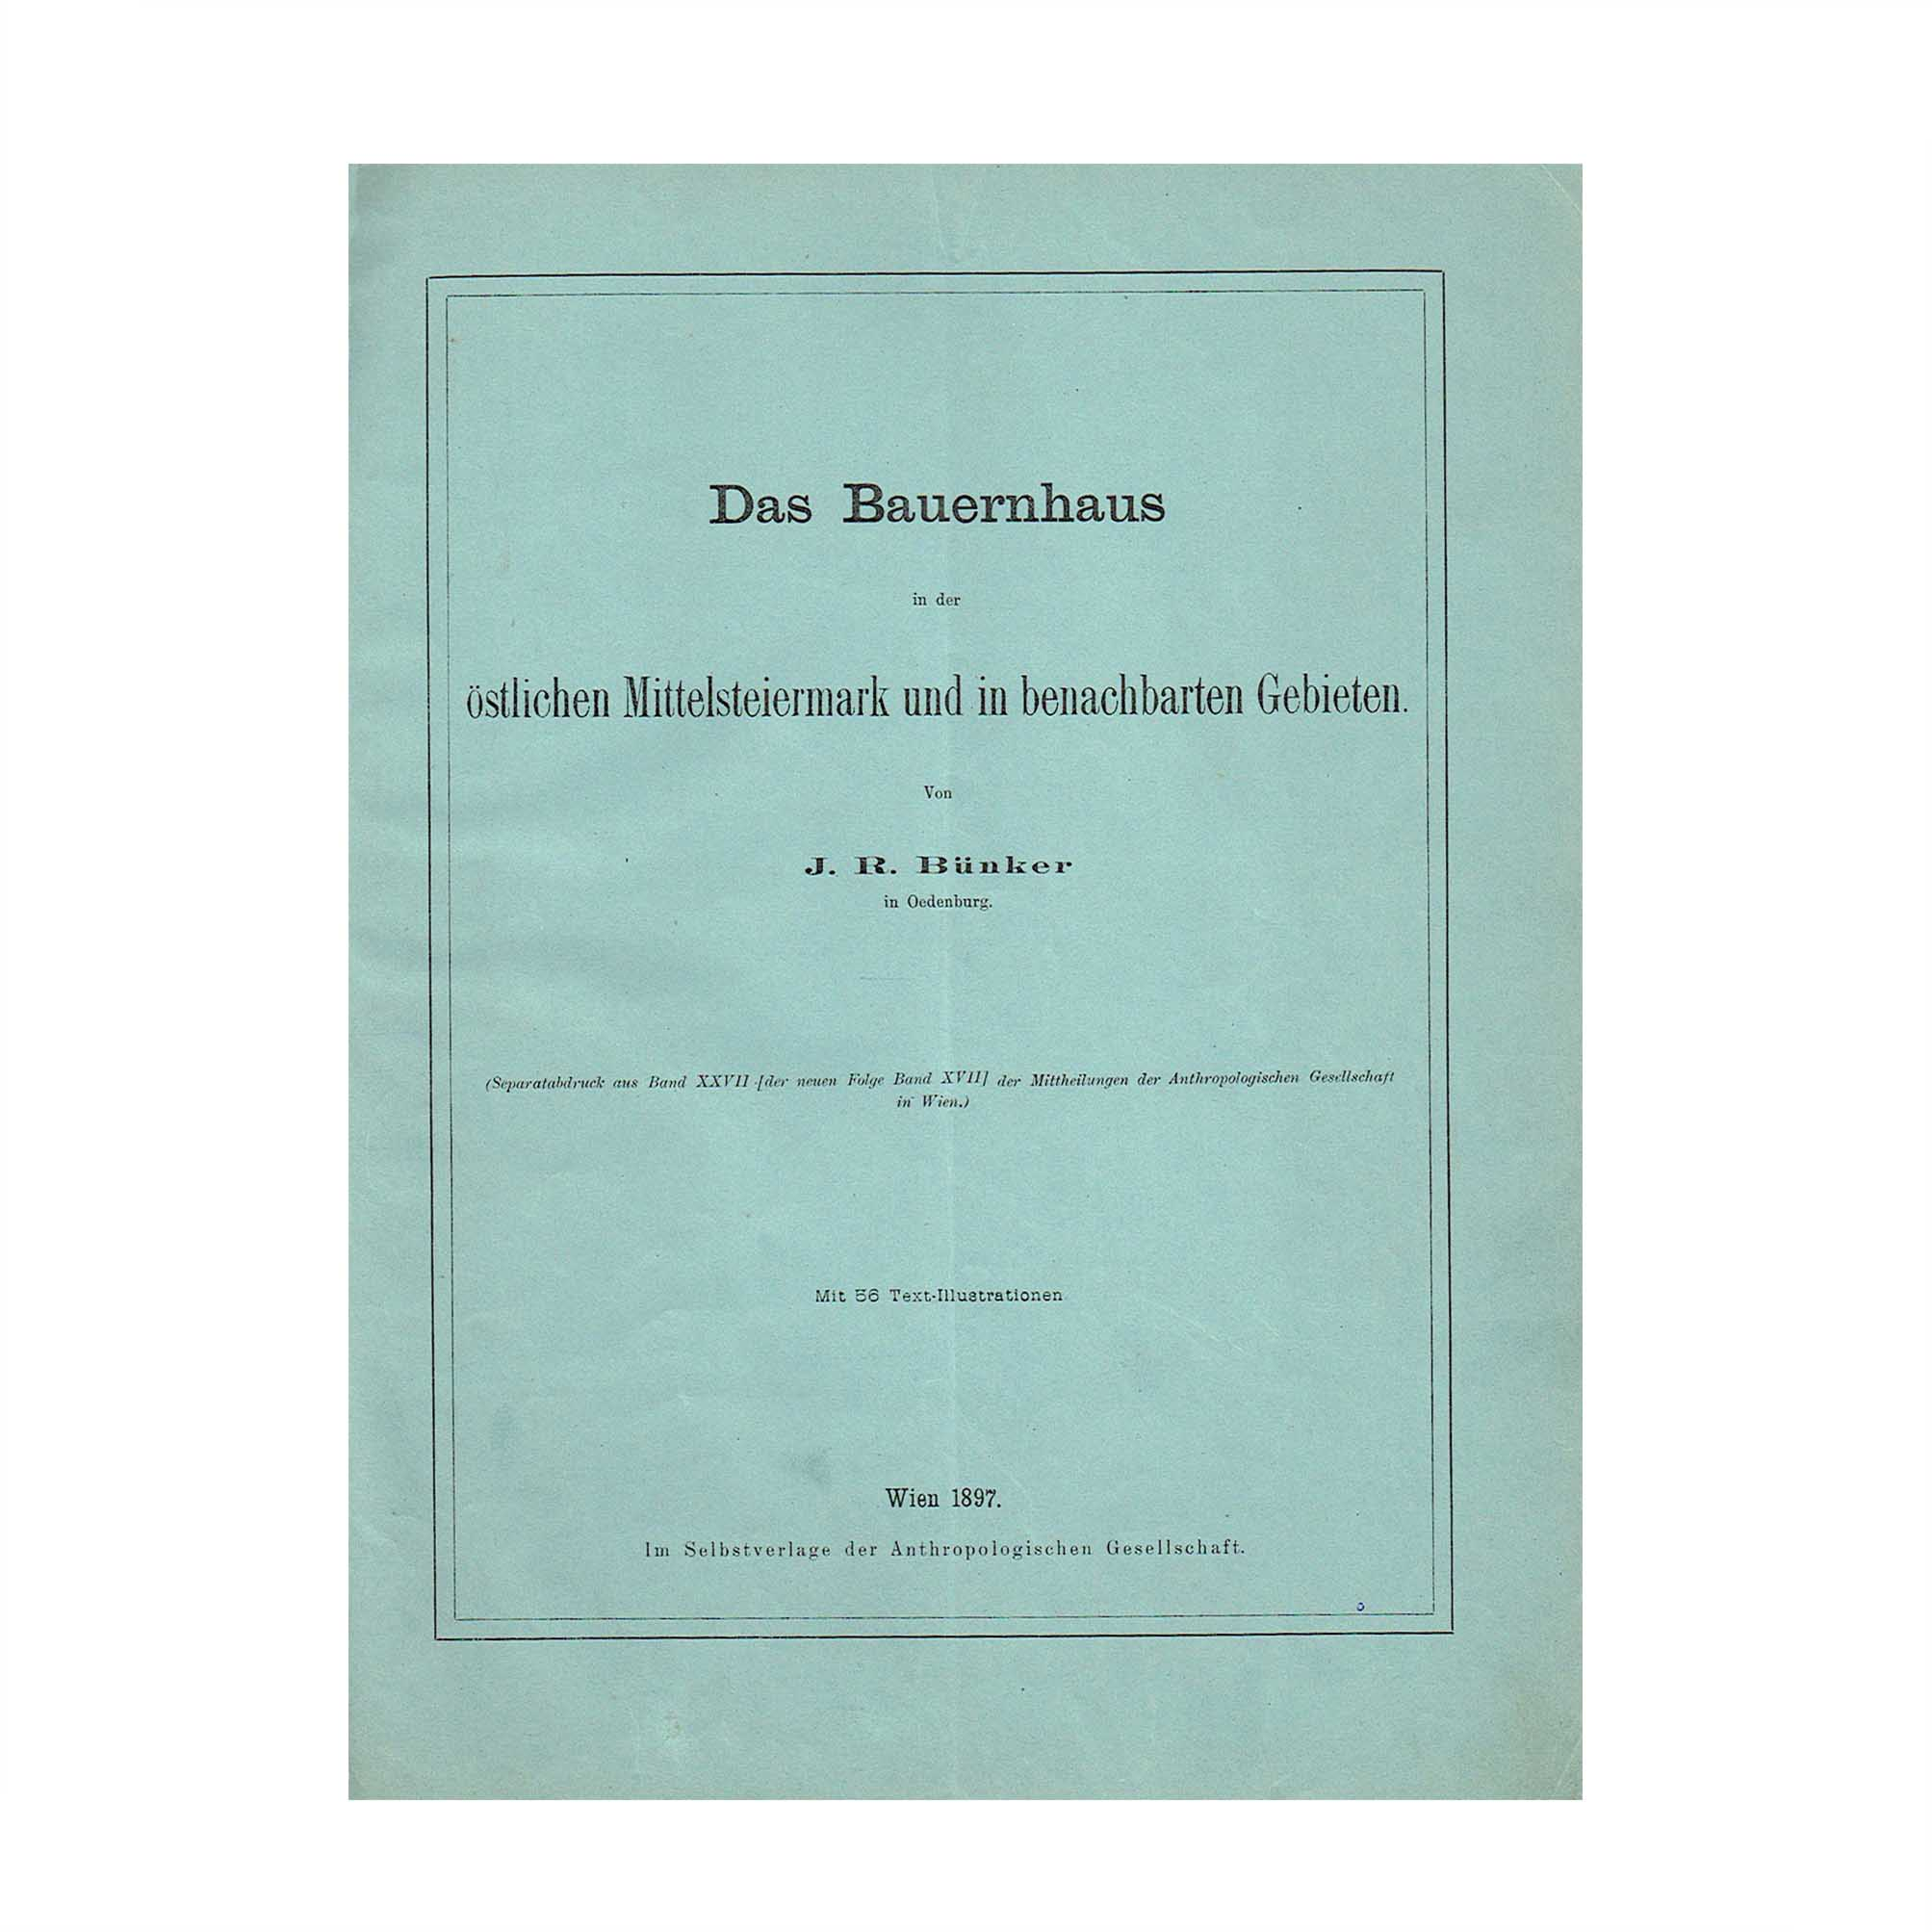 5499-Bünker-Bauernhaus-Mittelsteiermark-1897-Umschlag-recto-A-N.jpg